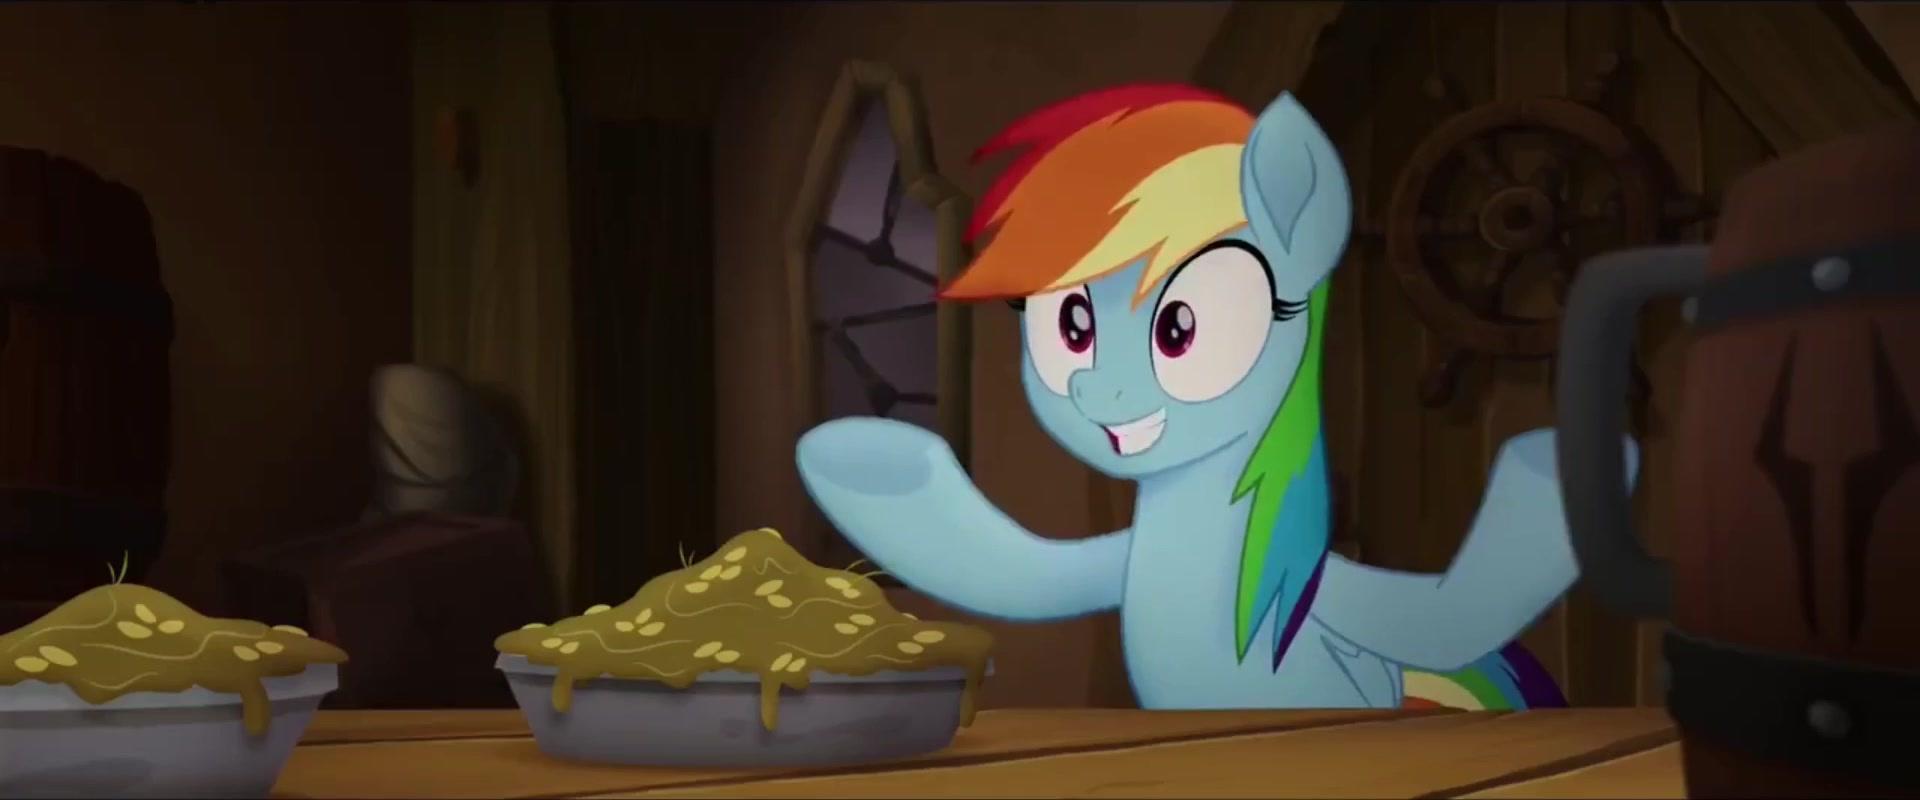 My Little Pony в кино мультфильм (2017) смотреть онлайн